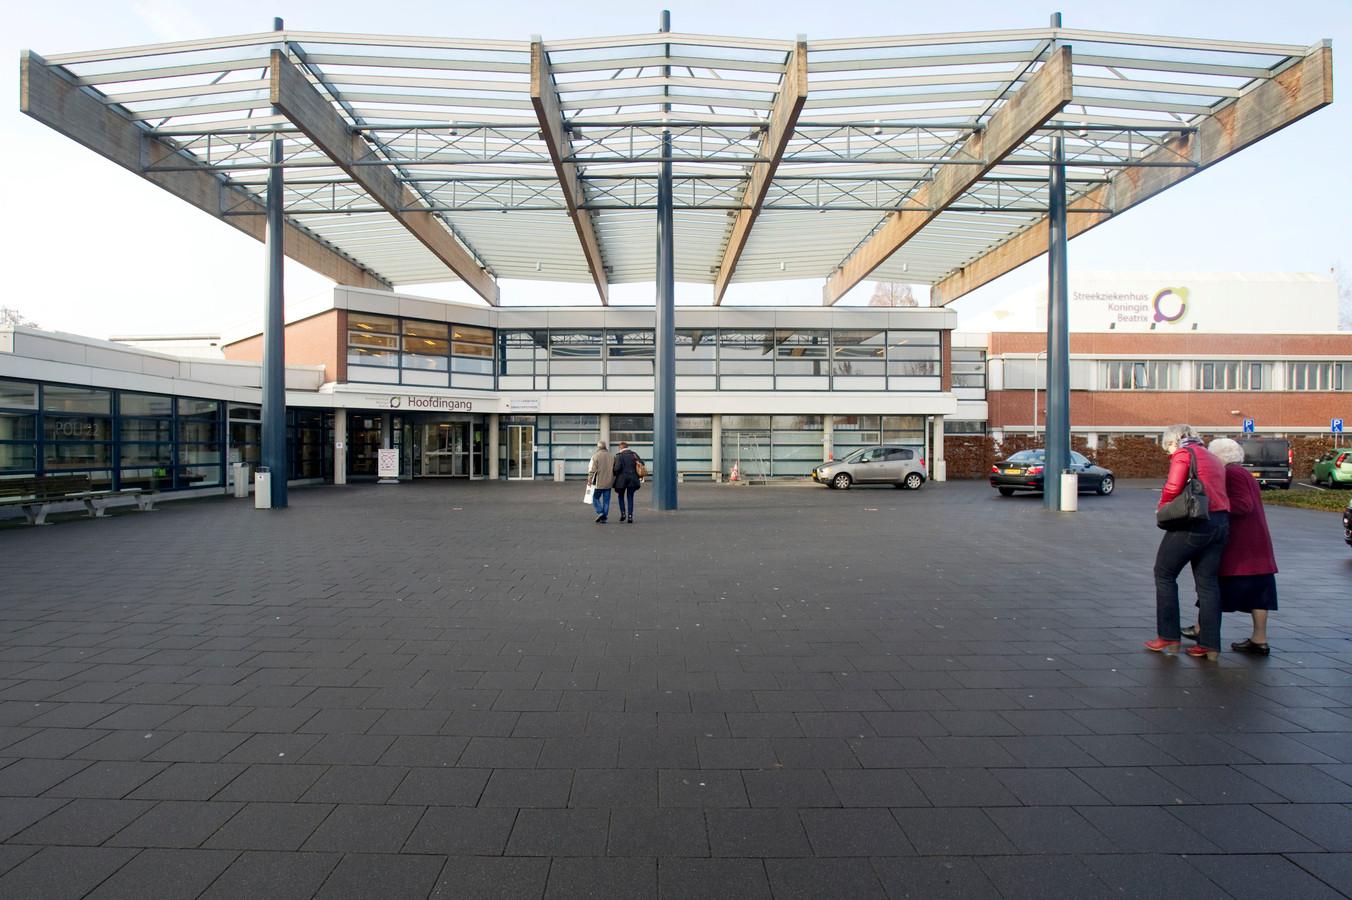 De ingang van Streekziekenhuis Koningin Beatrix in Winterswijk.